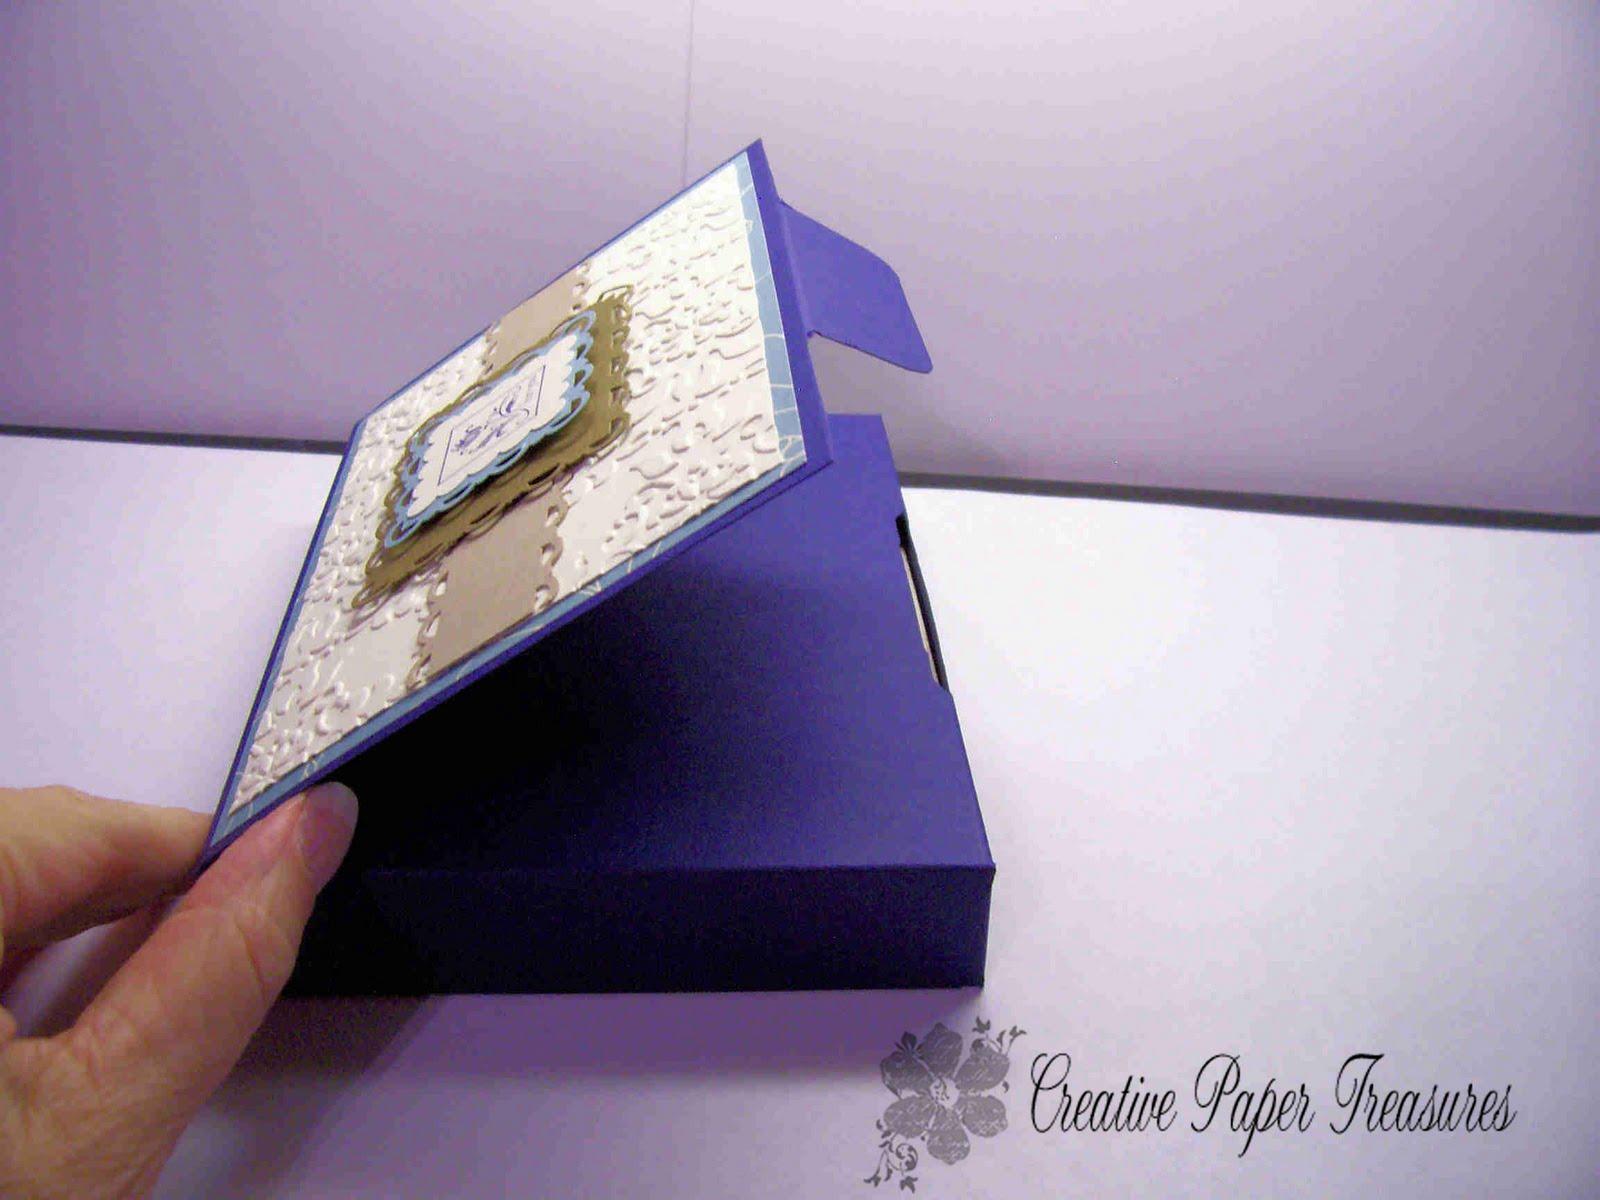 http://2.bp.blogspot.com/_FS25xSfJ8oE/TFDLTjpZ7iI/AAAAAAAAAXU/_w6SzRhR0JE/s1600/100_3728.jpg